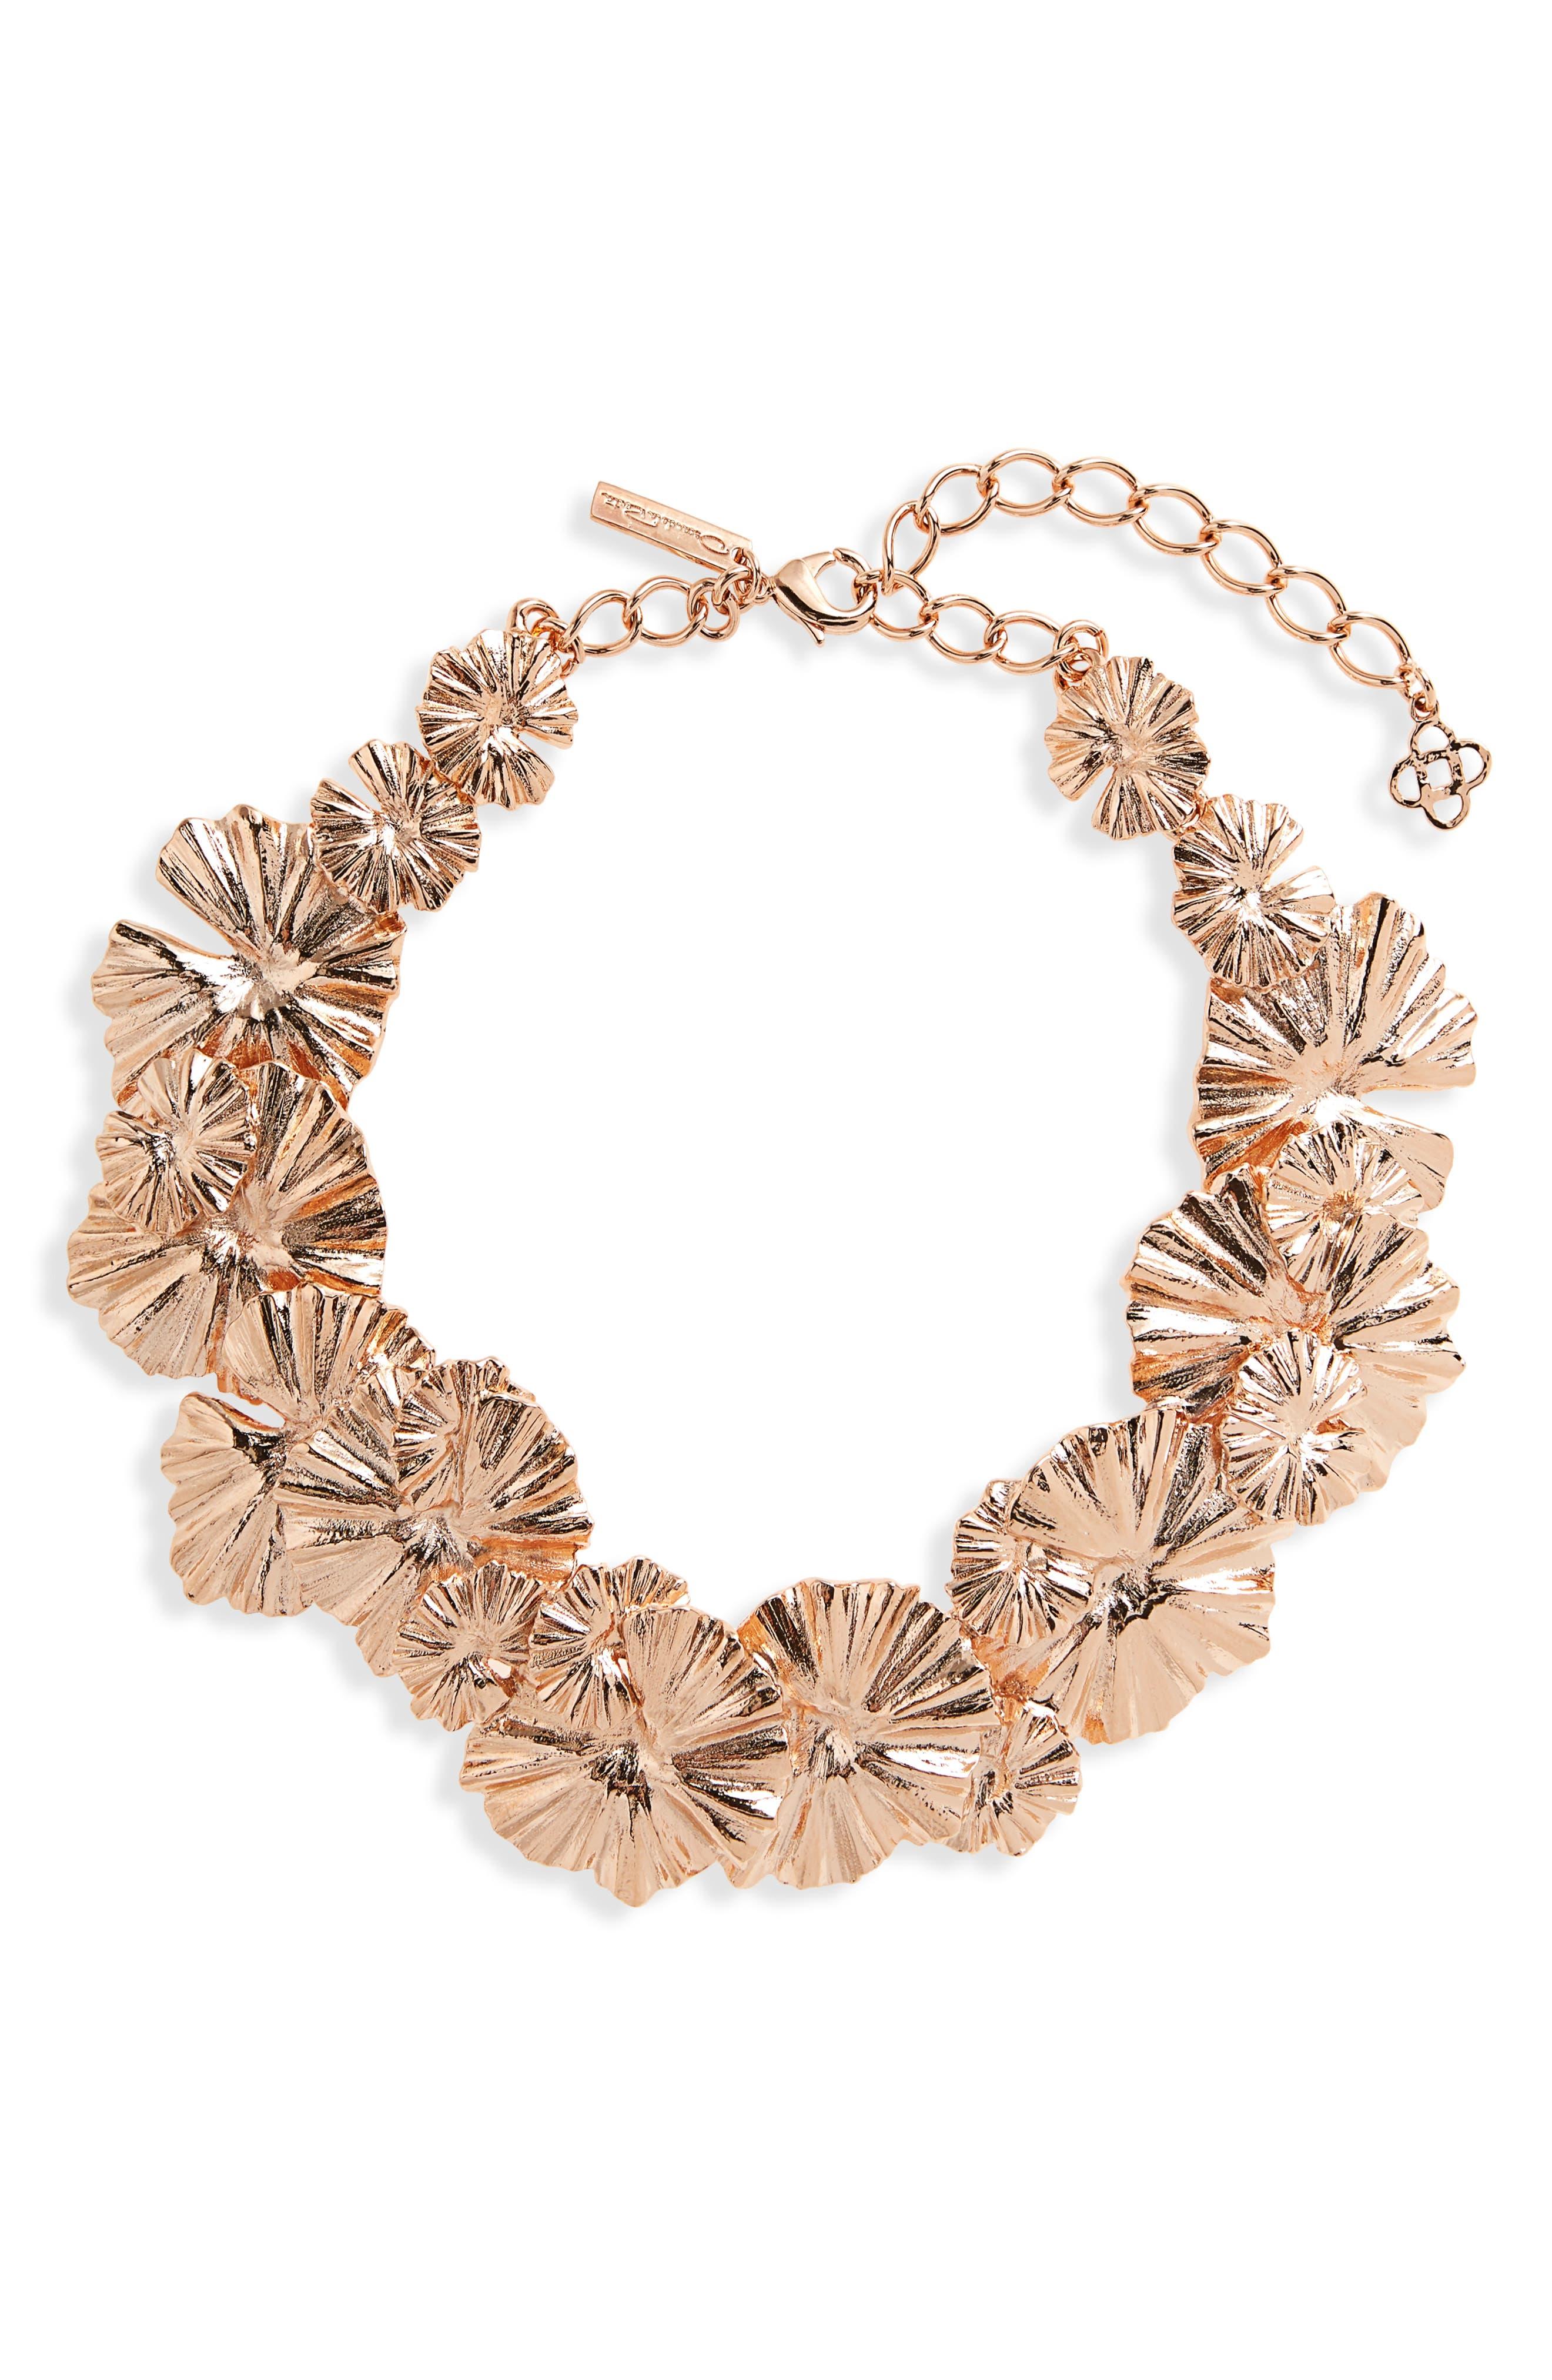 Oscar de la Renta Wildflower Necklace